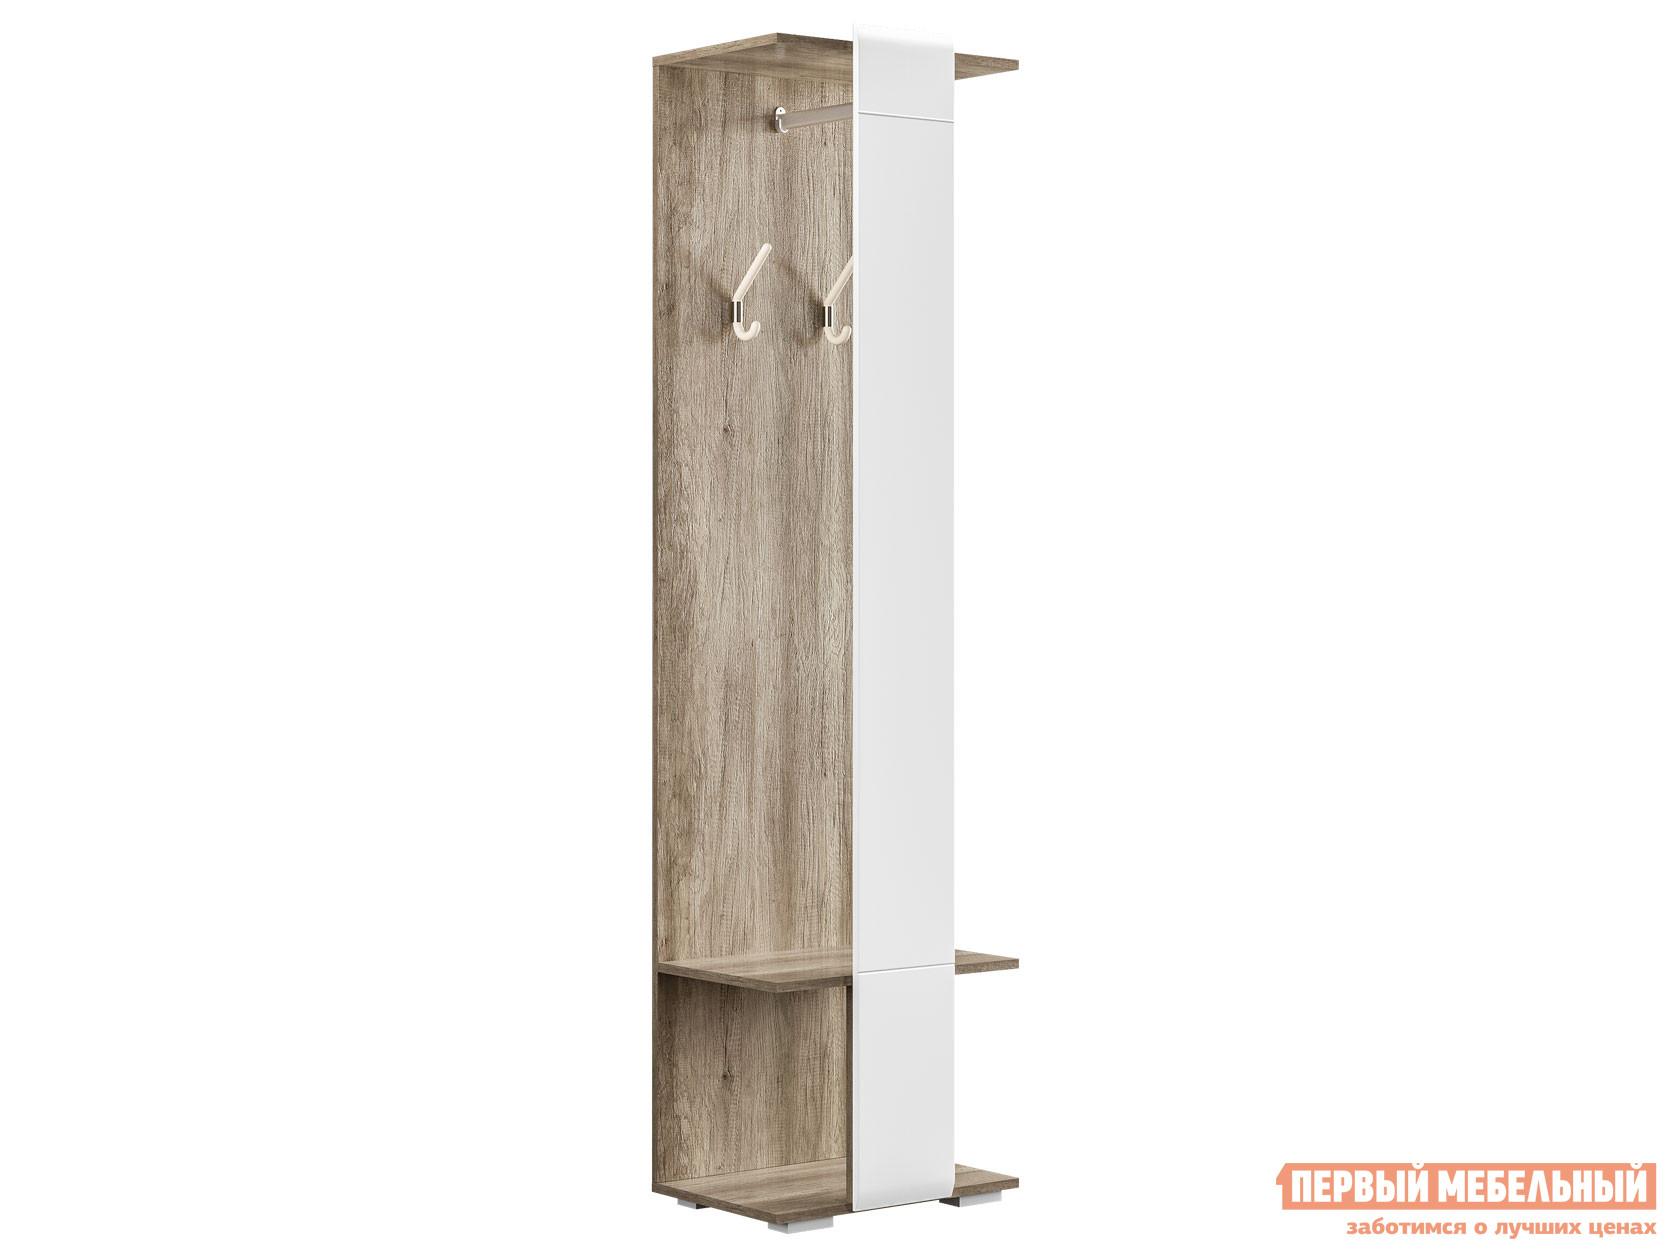 Напольная вешалка Первый Мебельный Вешалка Наоми